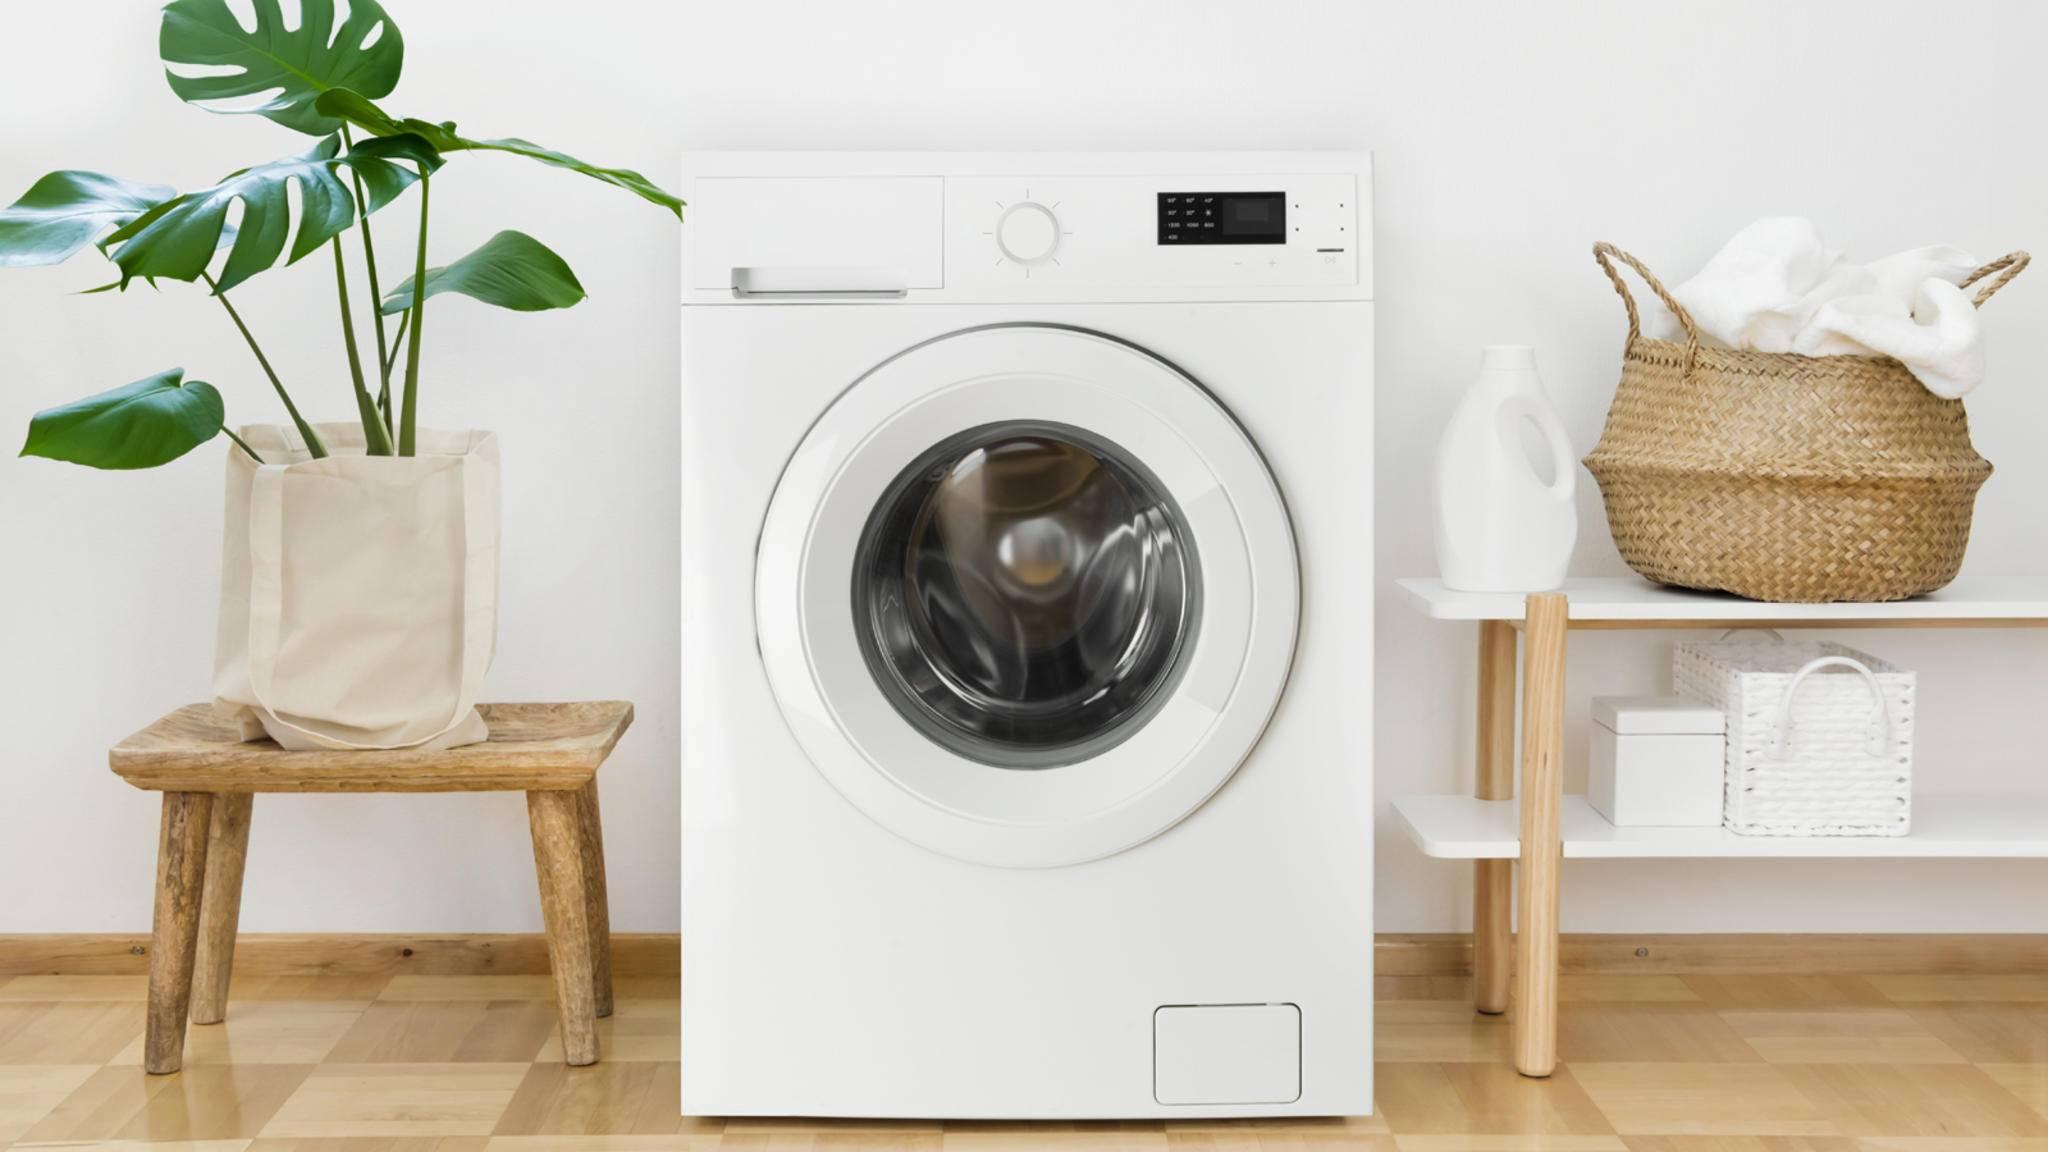 Waschmaschine-didecs-AdobeStock